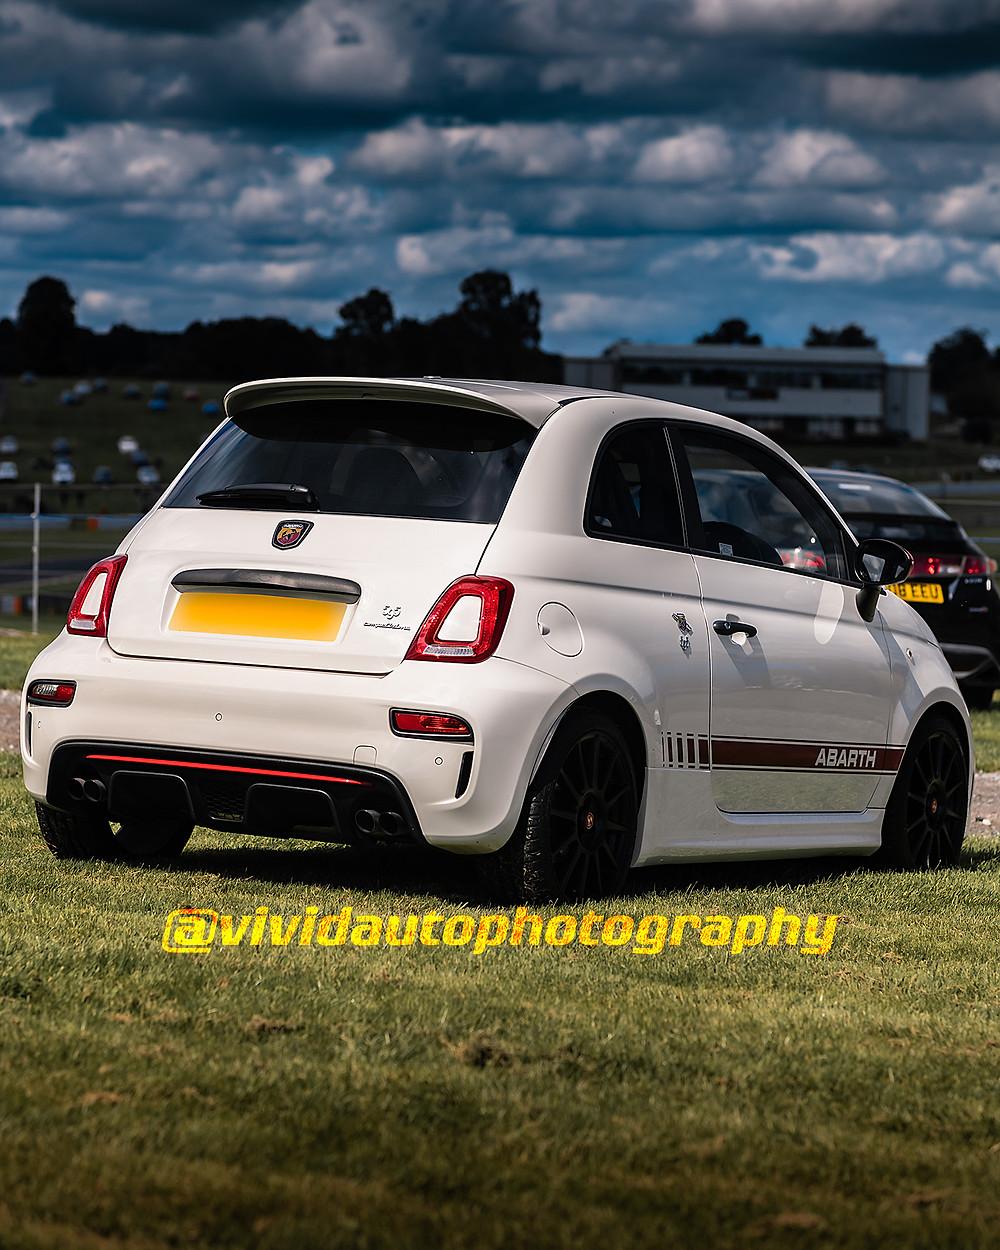 Abarth 595 Competizione Petrol White   Rear three quarters poster   Oulton Park